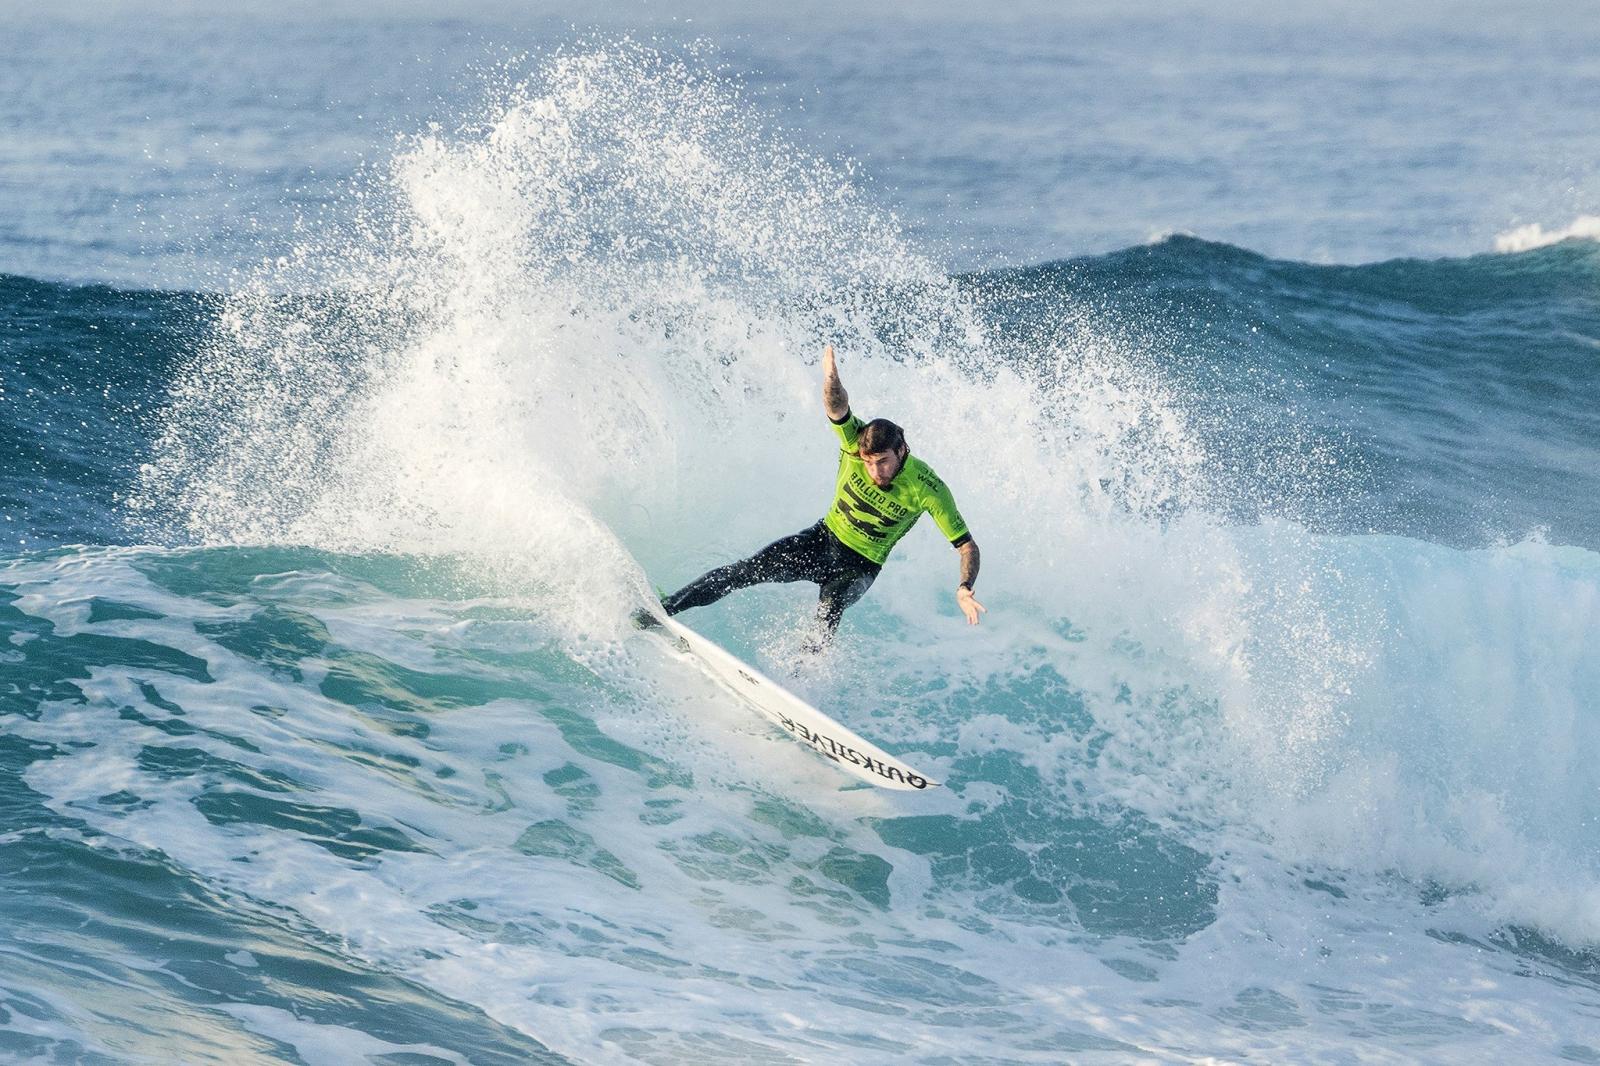 Zawody surfingowe w Republice Południowej Afryki. Fot. EPA/KELLY CESTARI - WSL  HANDOUT EDITORIAL USE ONLY/NO SALES Dostawca: PAP/EPA.